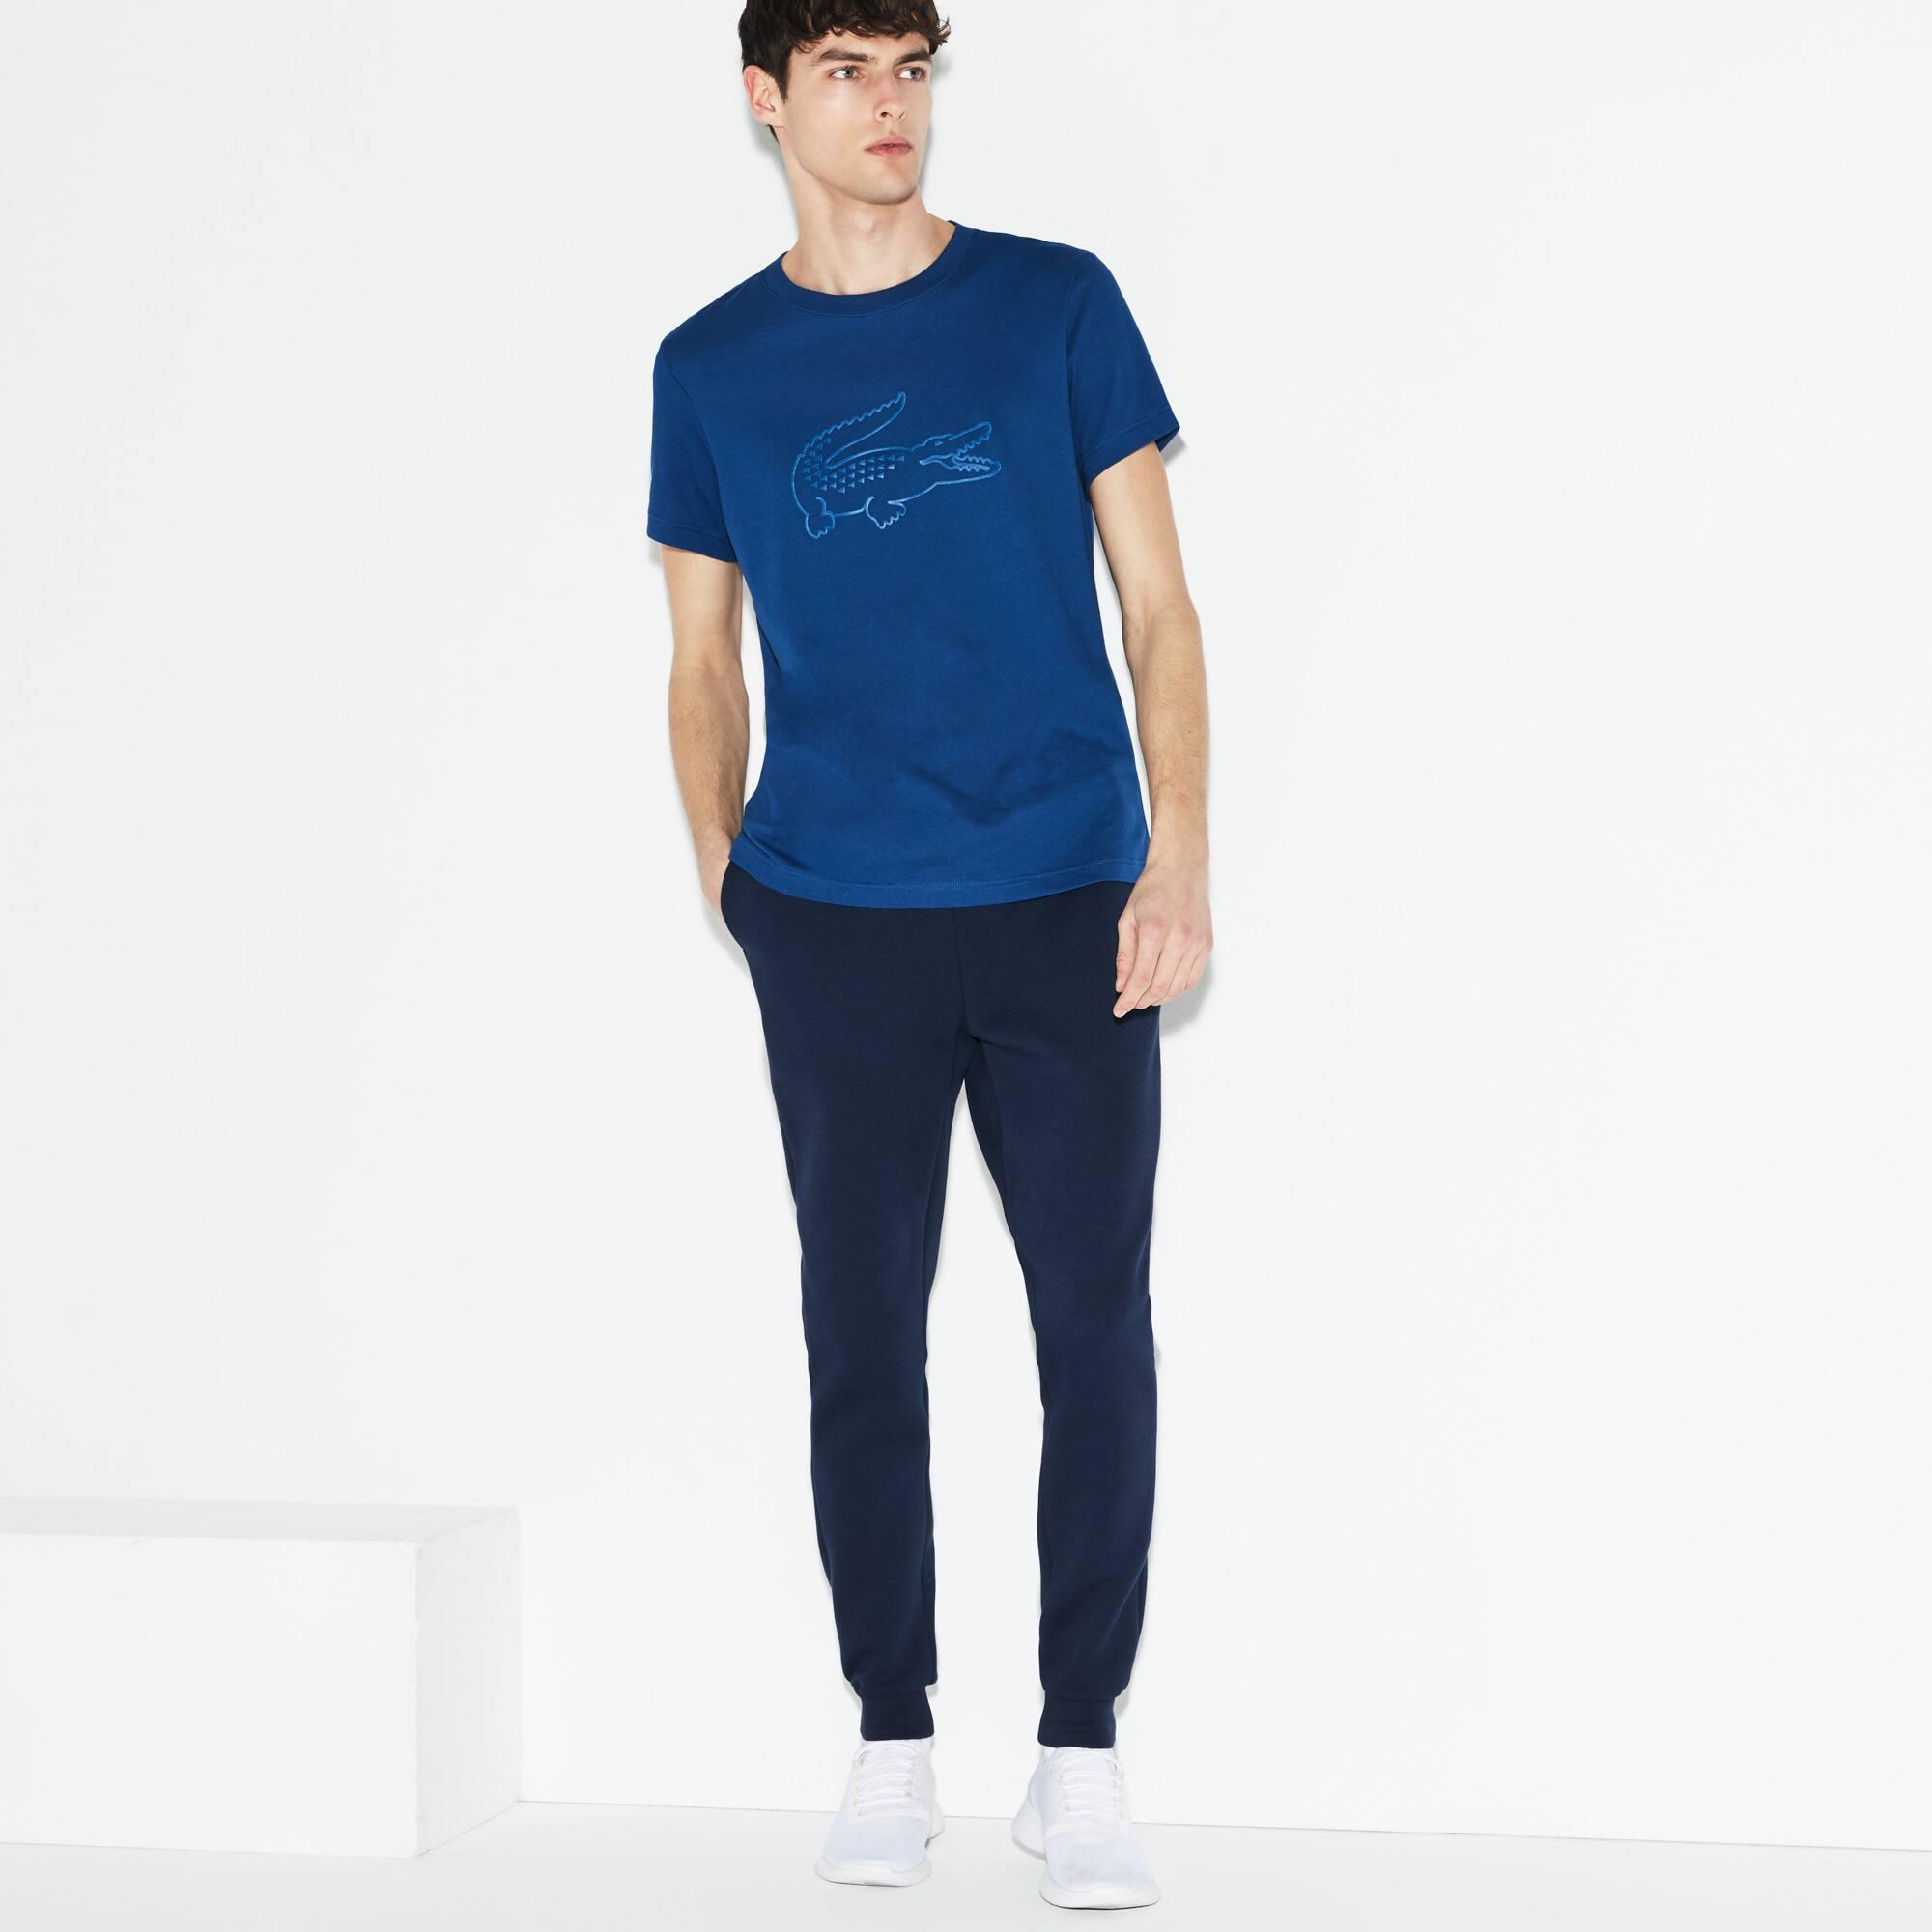 Camiseta Tenis Lacoste Sport De Punto Técnico Con Cocodrilo Tamaño Xl